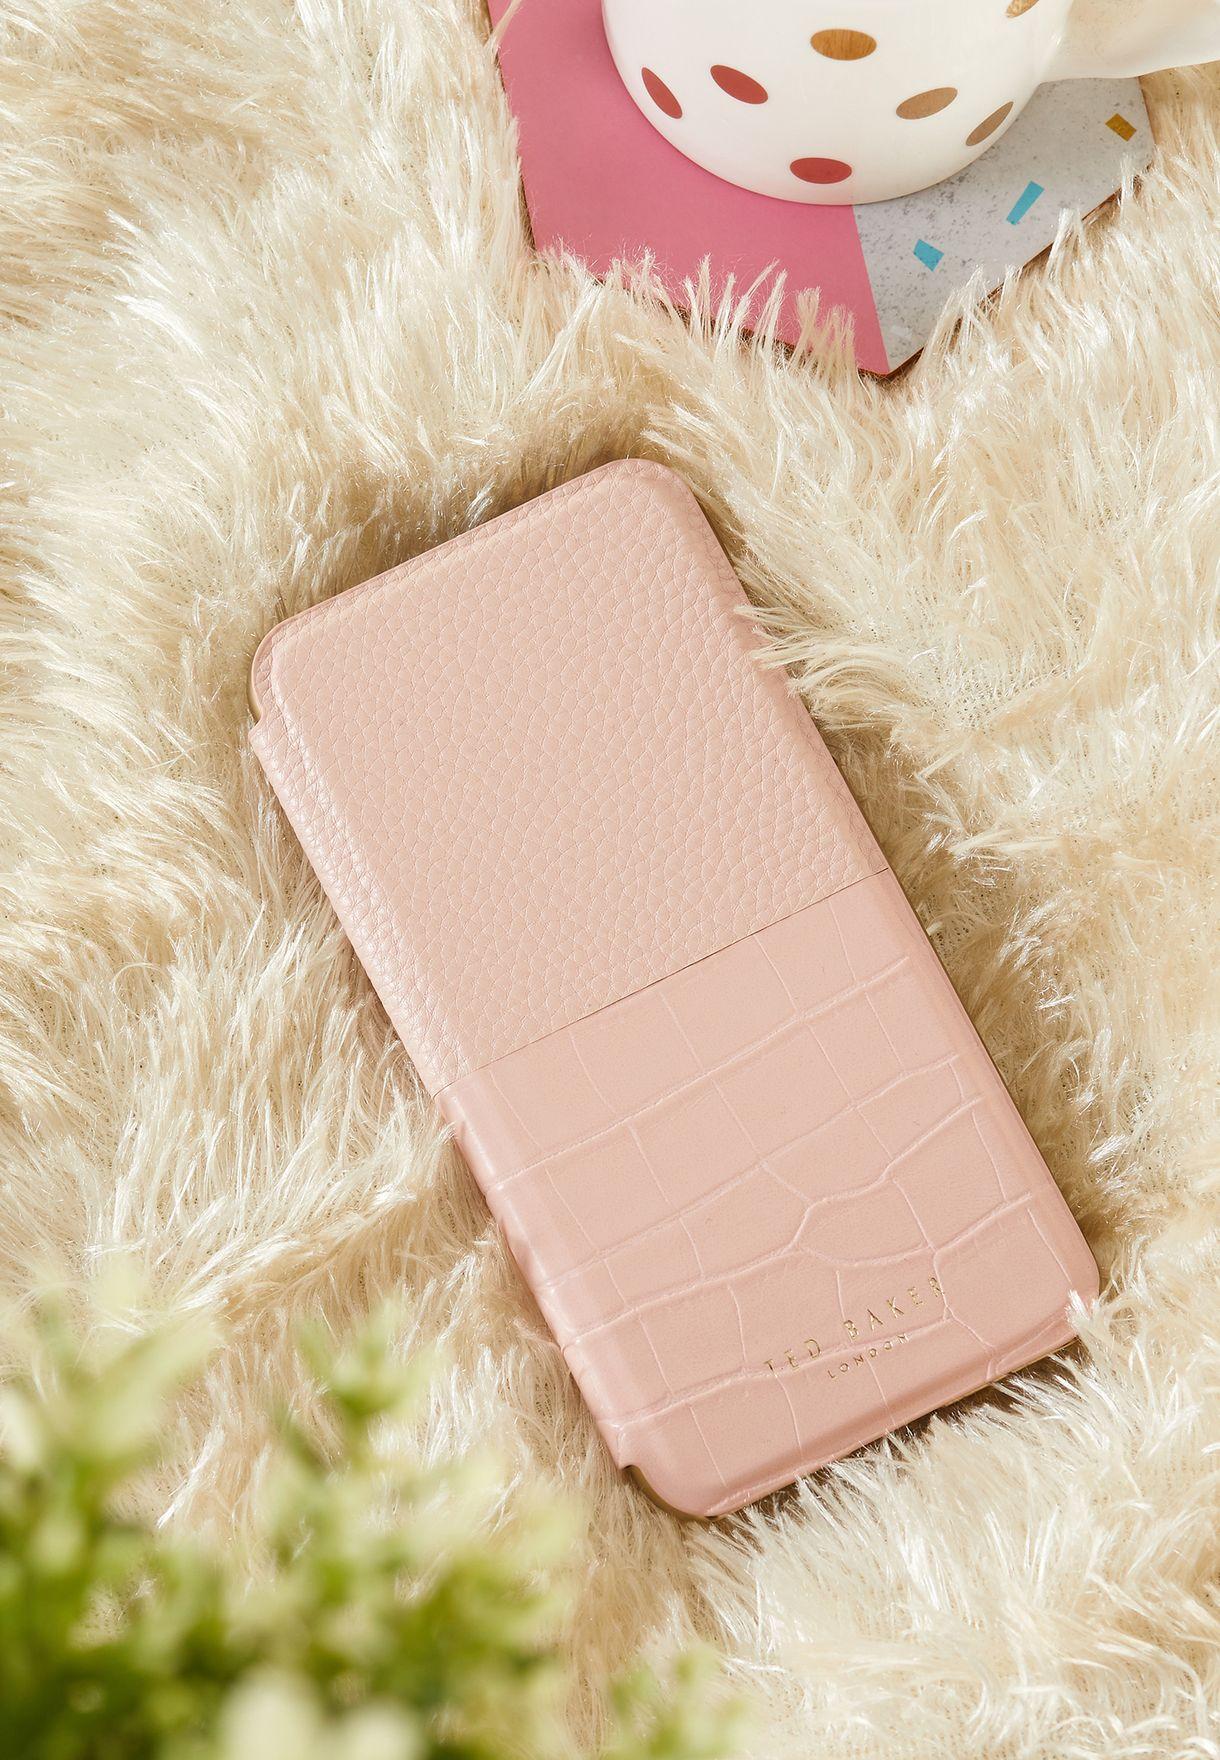 iPhone 11 Pro Max Croc Case